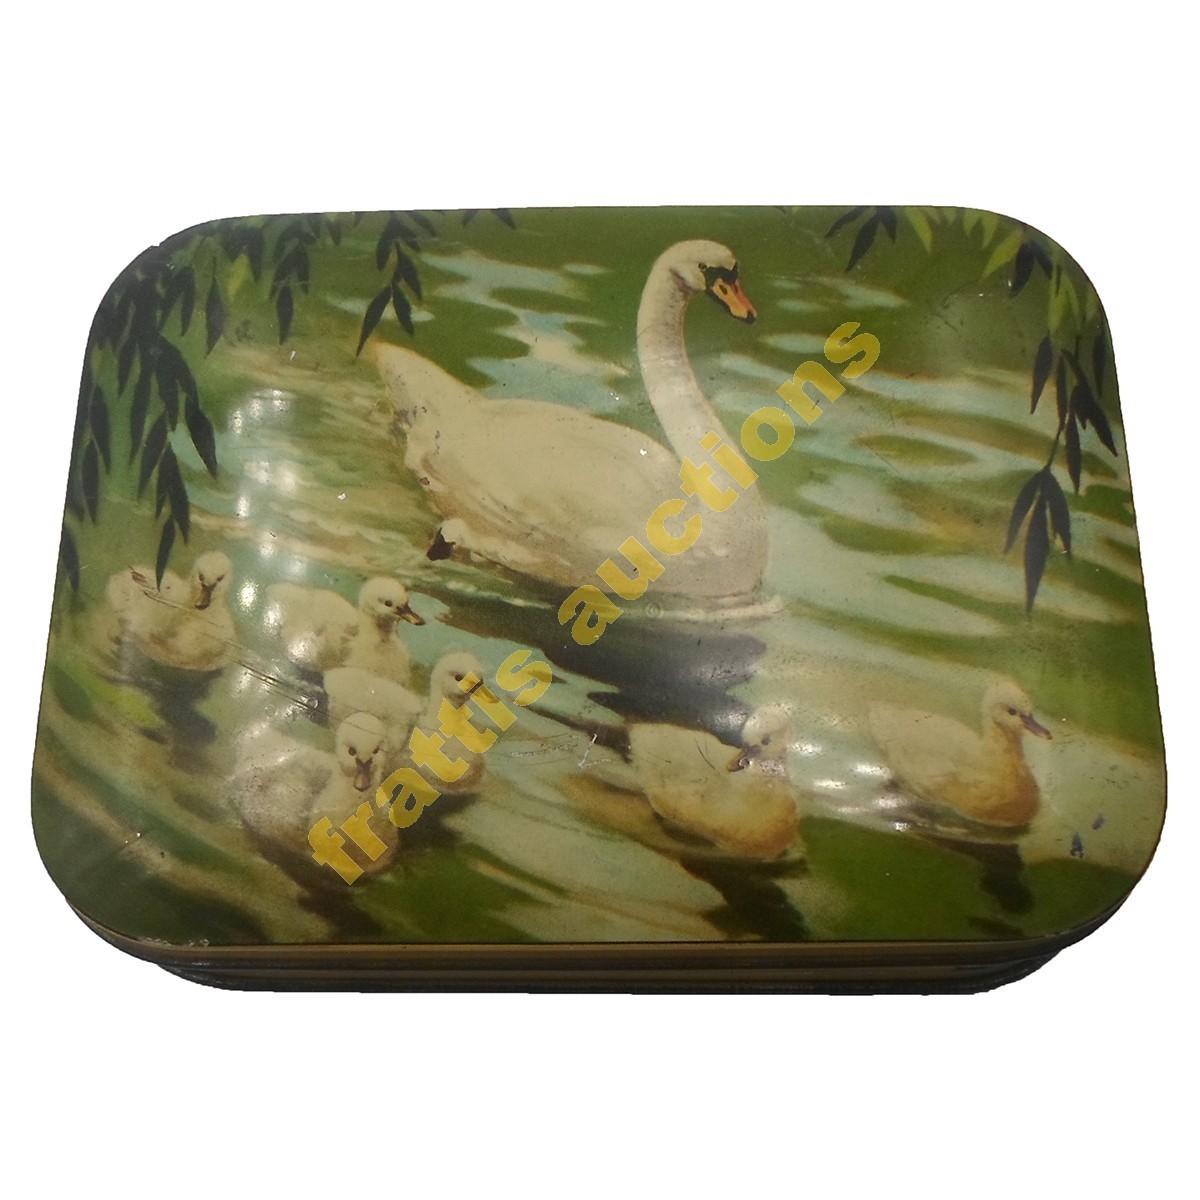 Ηarry Vincent LTD., Blue Bird Toffe, England, μεταλλικό κουτί.